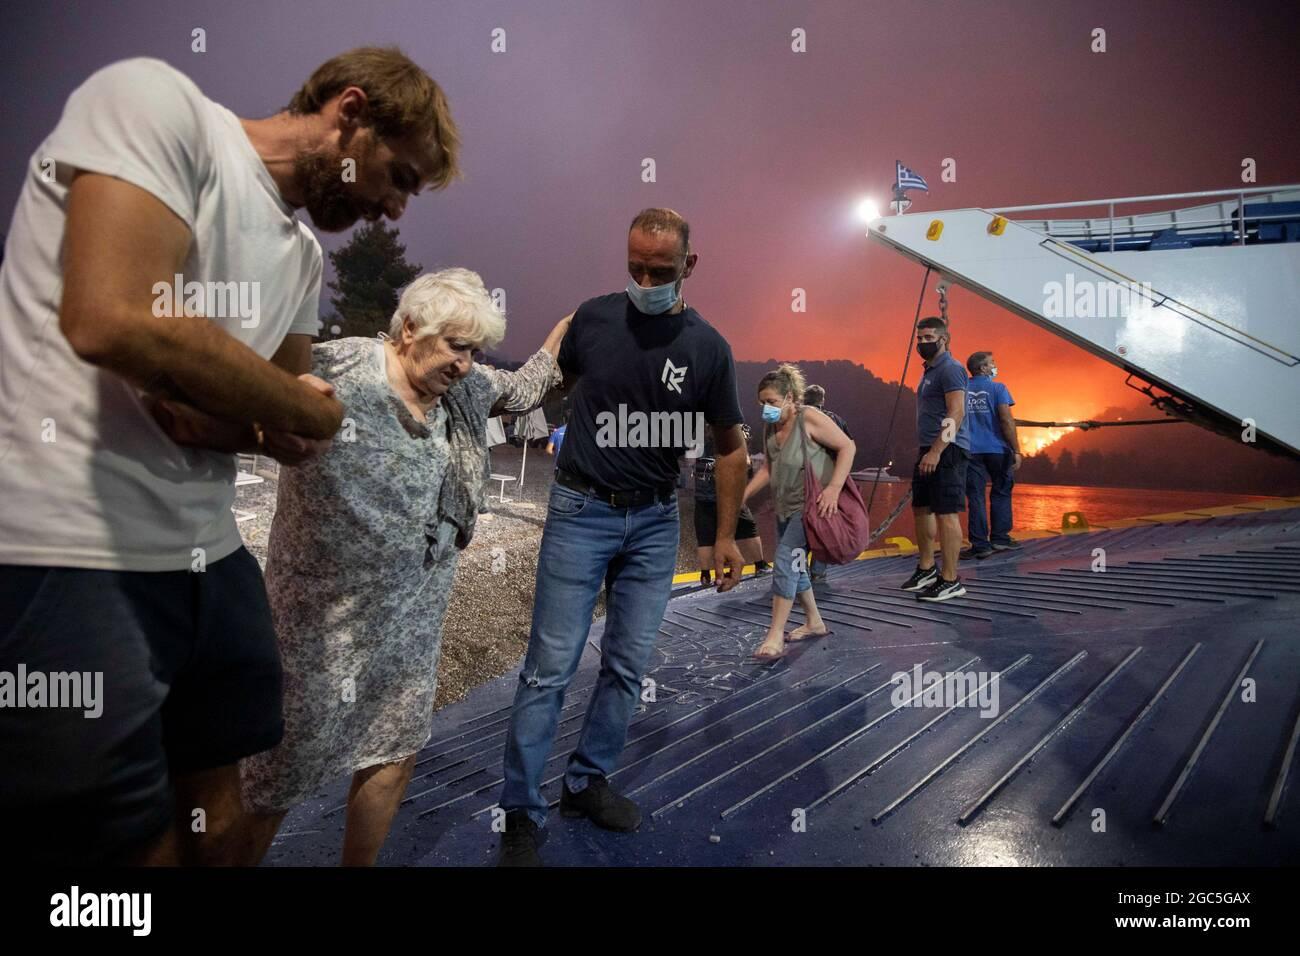 Während der Evakuierung besteigen Menschen eine Fähre, als im Dorf Limni auf der Insel Evia, Griechenland, ein Waldbrand brennt, 6. August 2021. Bild aufgenommen am 6. August 2021. REUTERS/Nicolas Economou Stockfoto